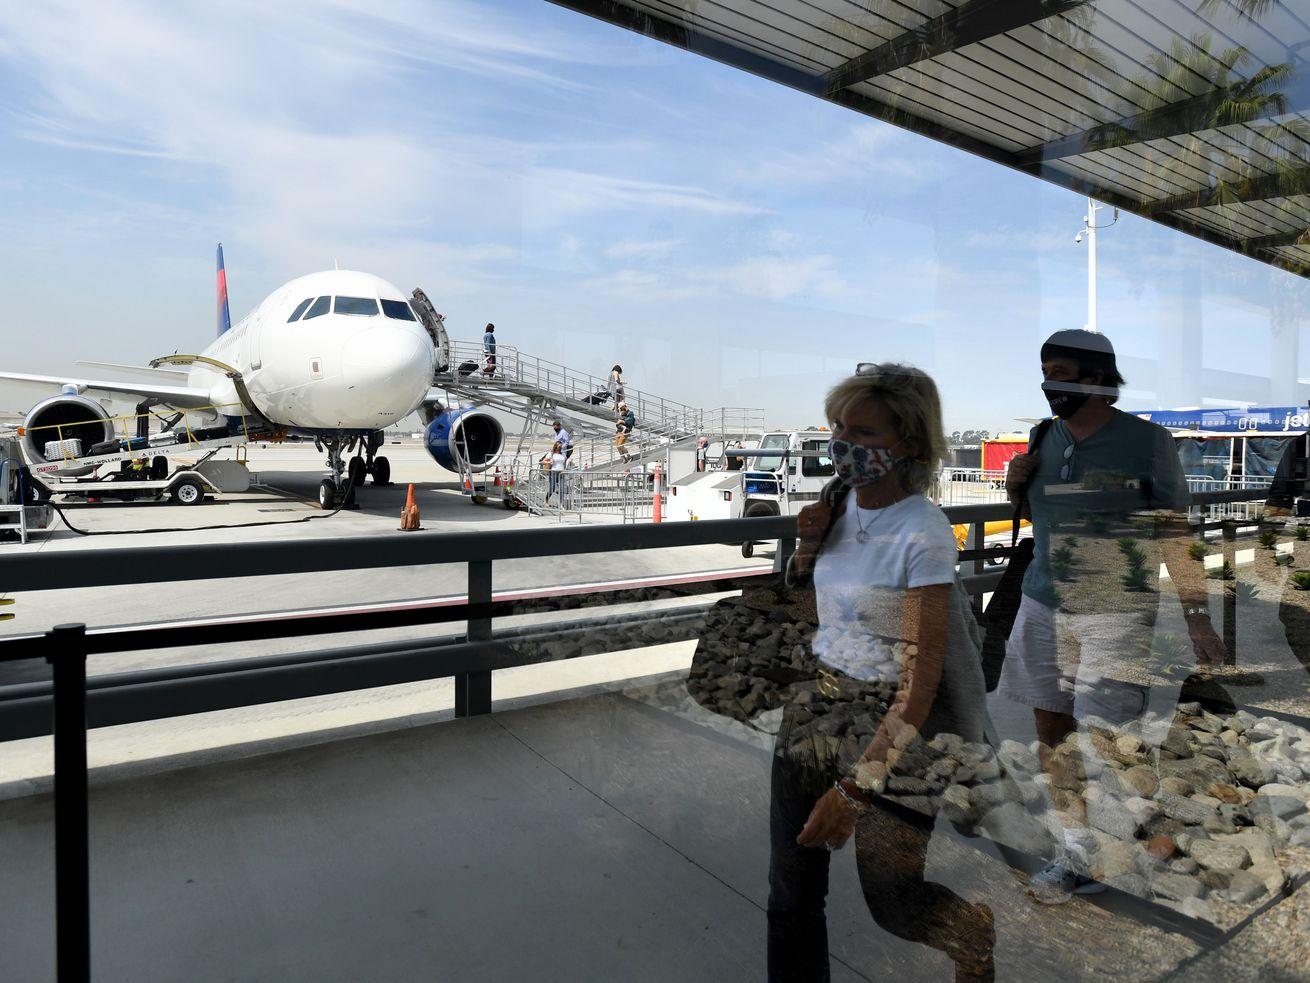 Les passagers aériens marchent sur un trottoir et un avion se trouve à l'arrière-plan.